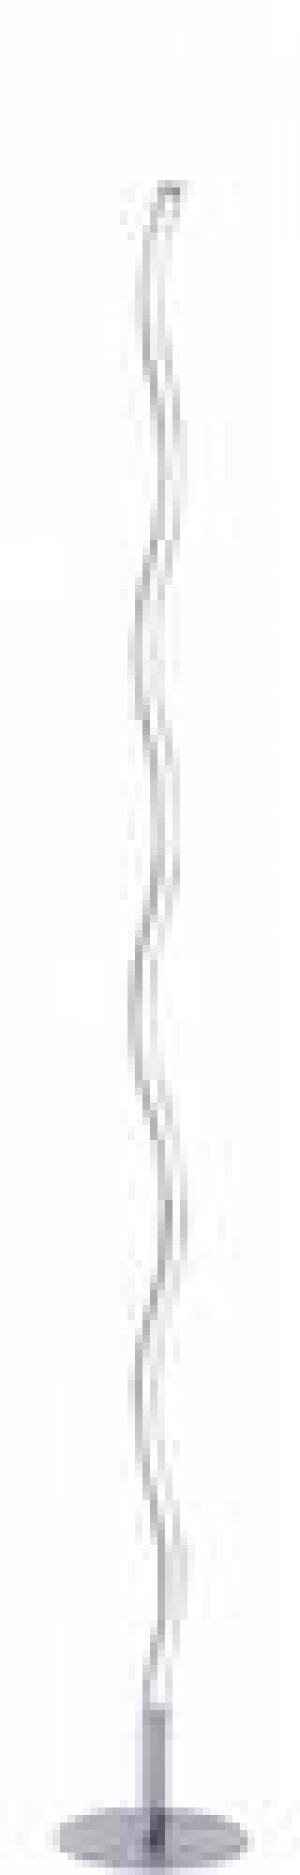 LED stojaca lampa LED LeuchtenDirekt WAVE 15168-55, oceľová